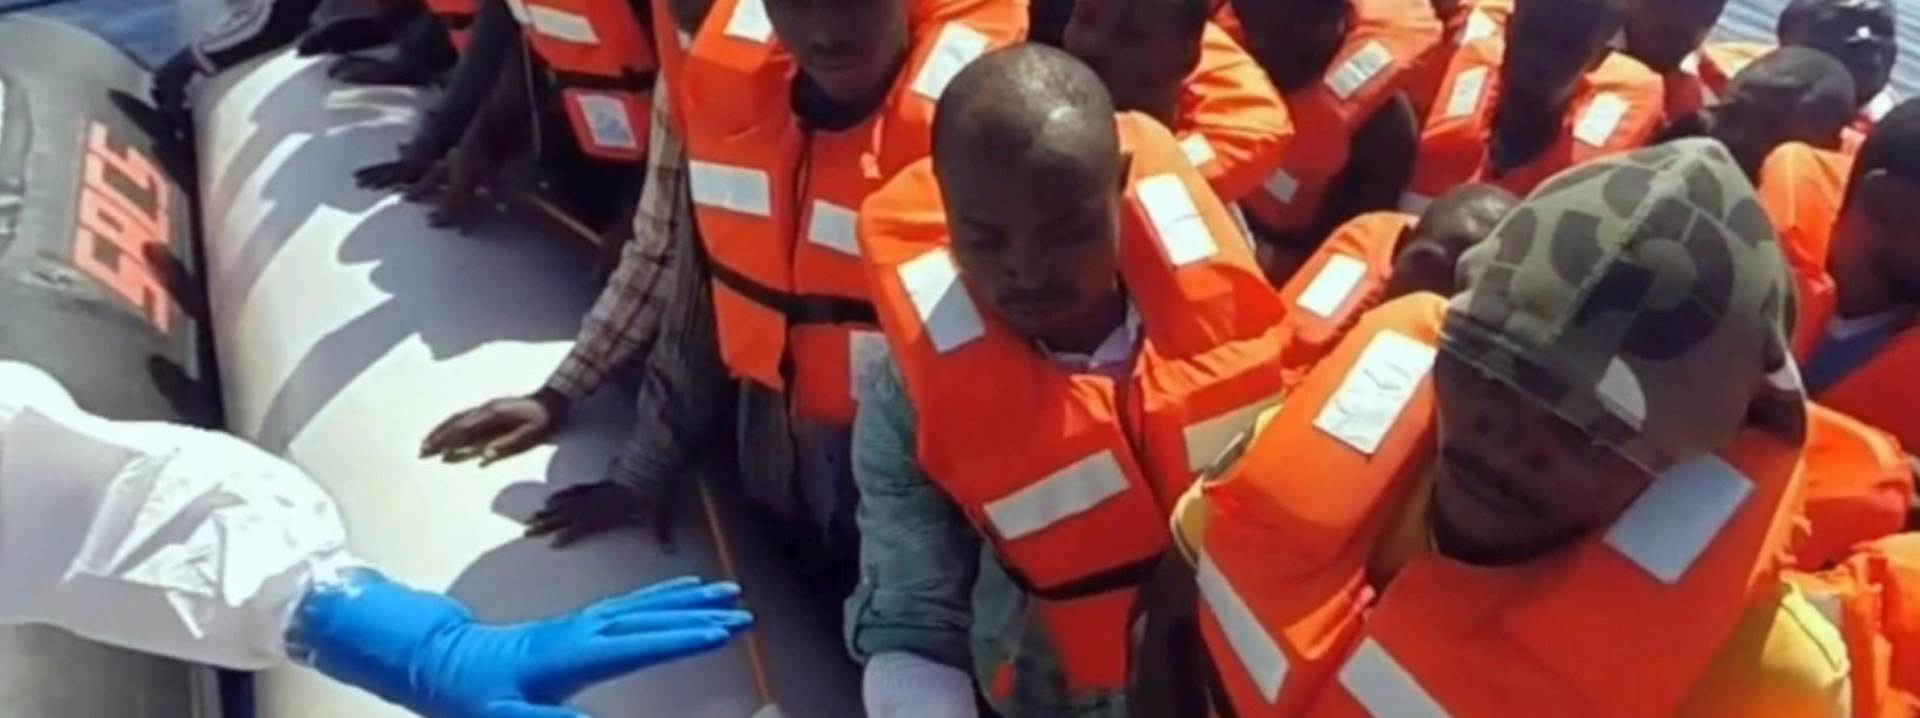 LIBIJA Utopilo se najmanje 8 migranata